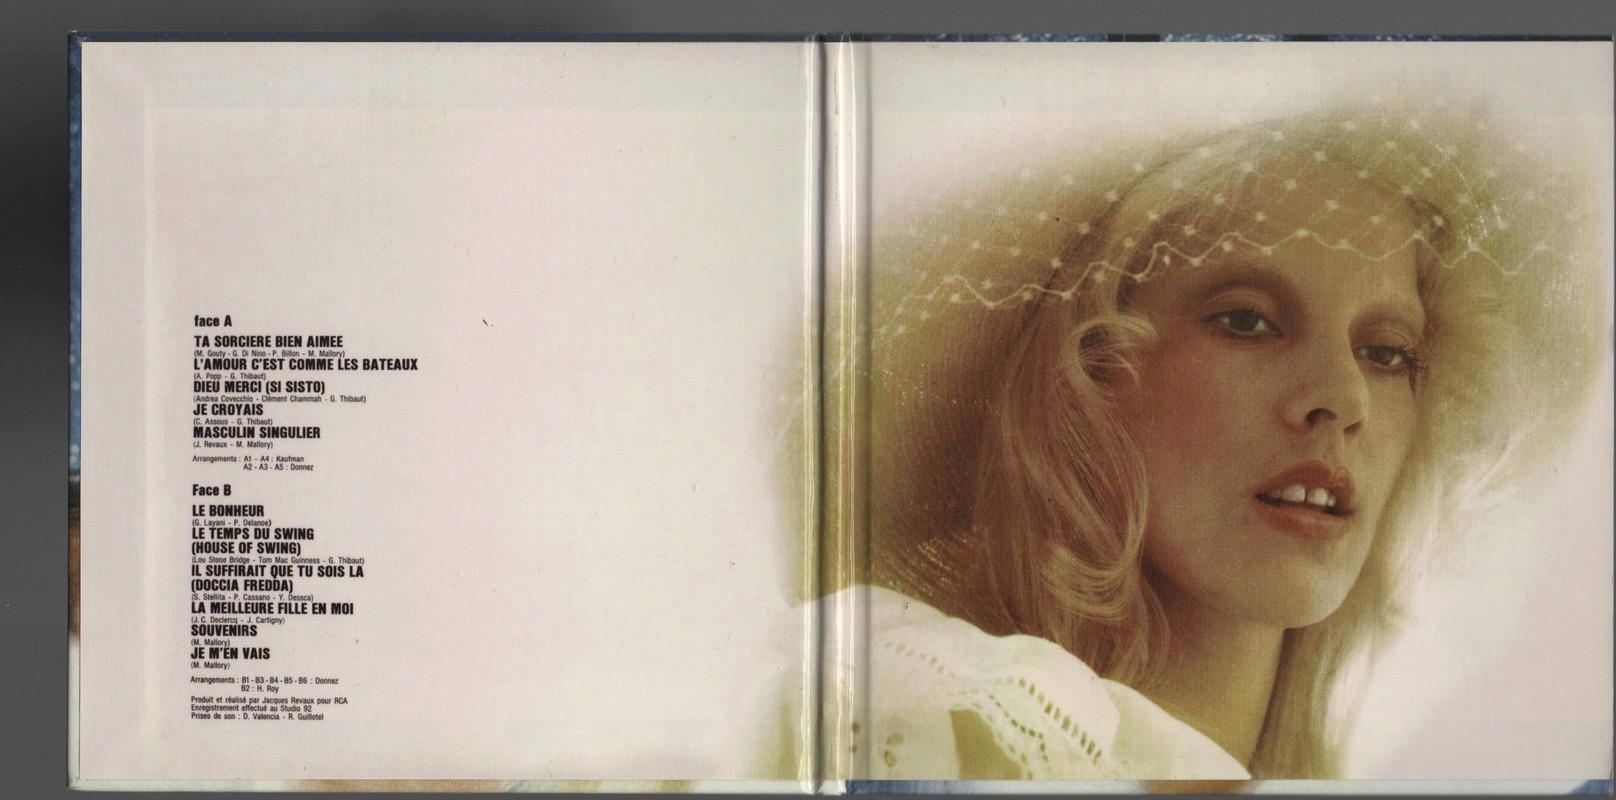 ALBUM Ta sorcière bien aimée (1976) - Page 2 Image_13